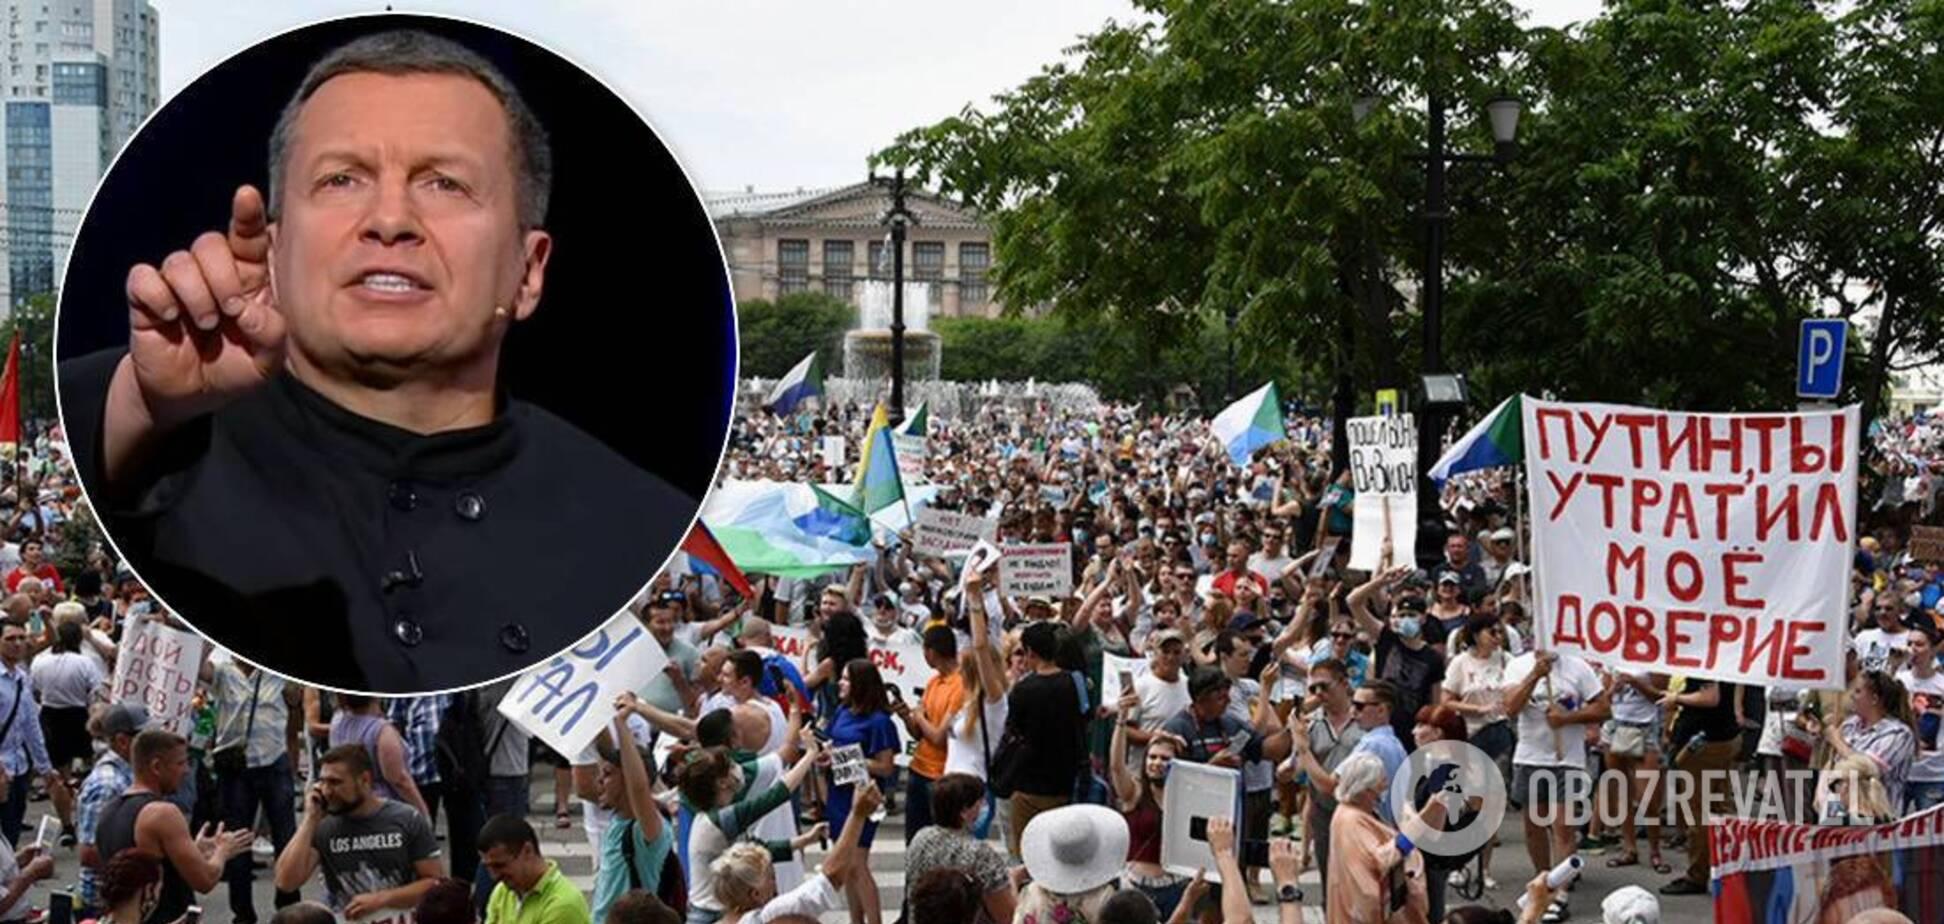 Владимир Соловьев заявил, что за протестами в Хабаровске стоят украинцы